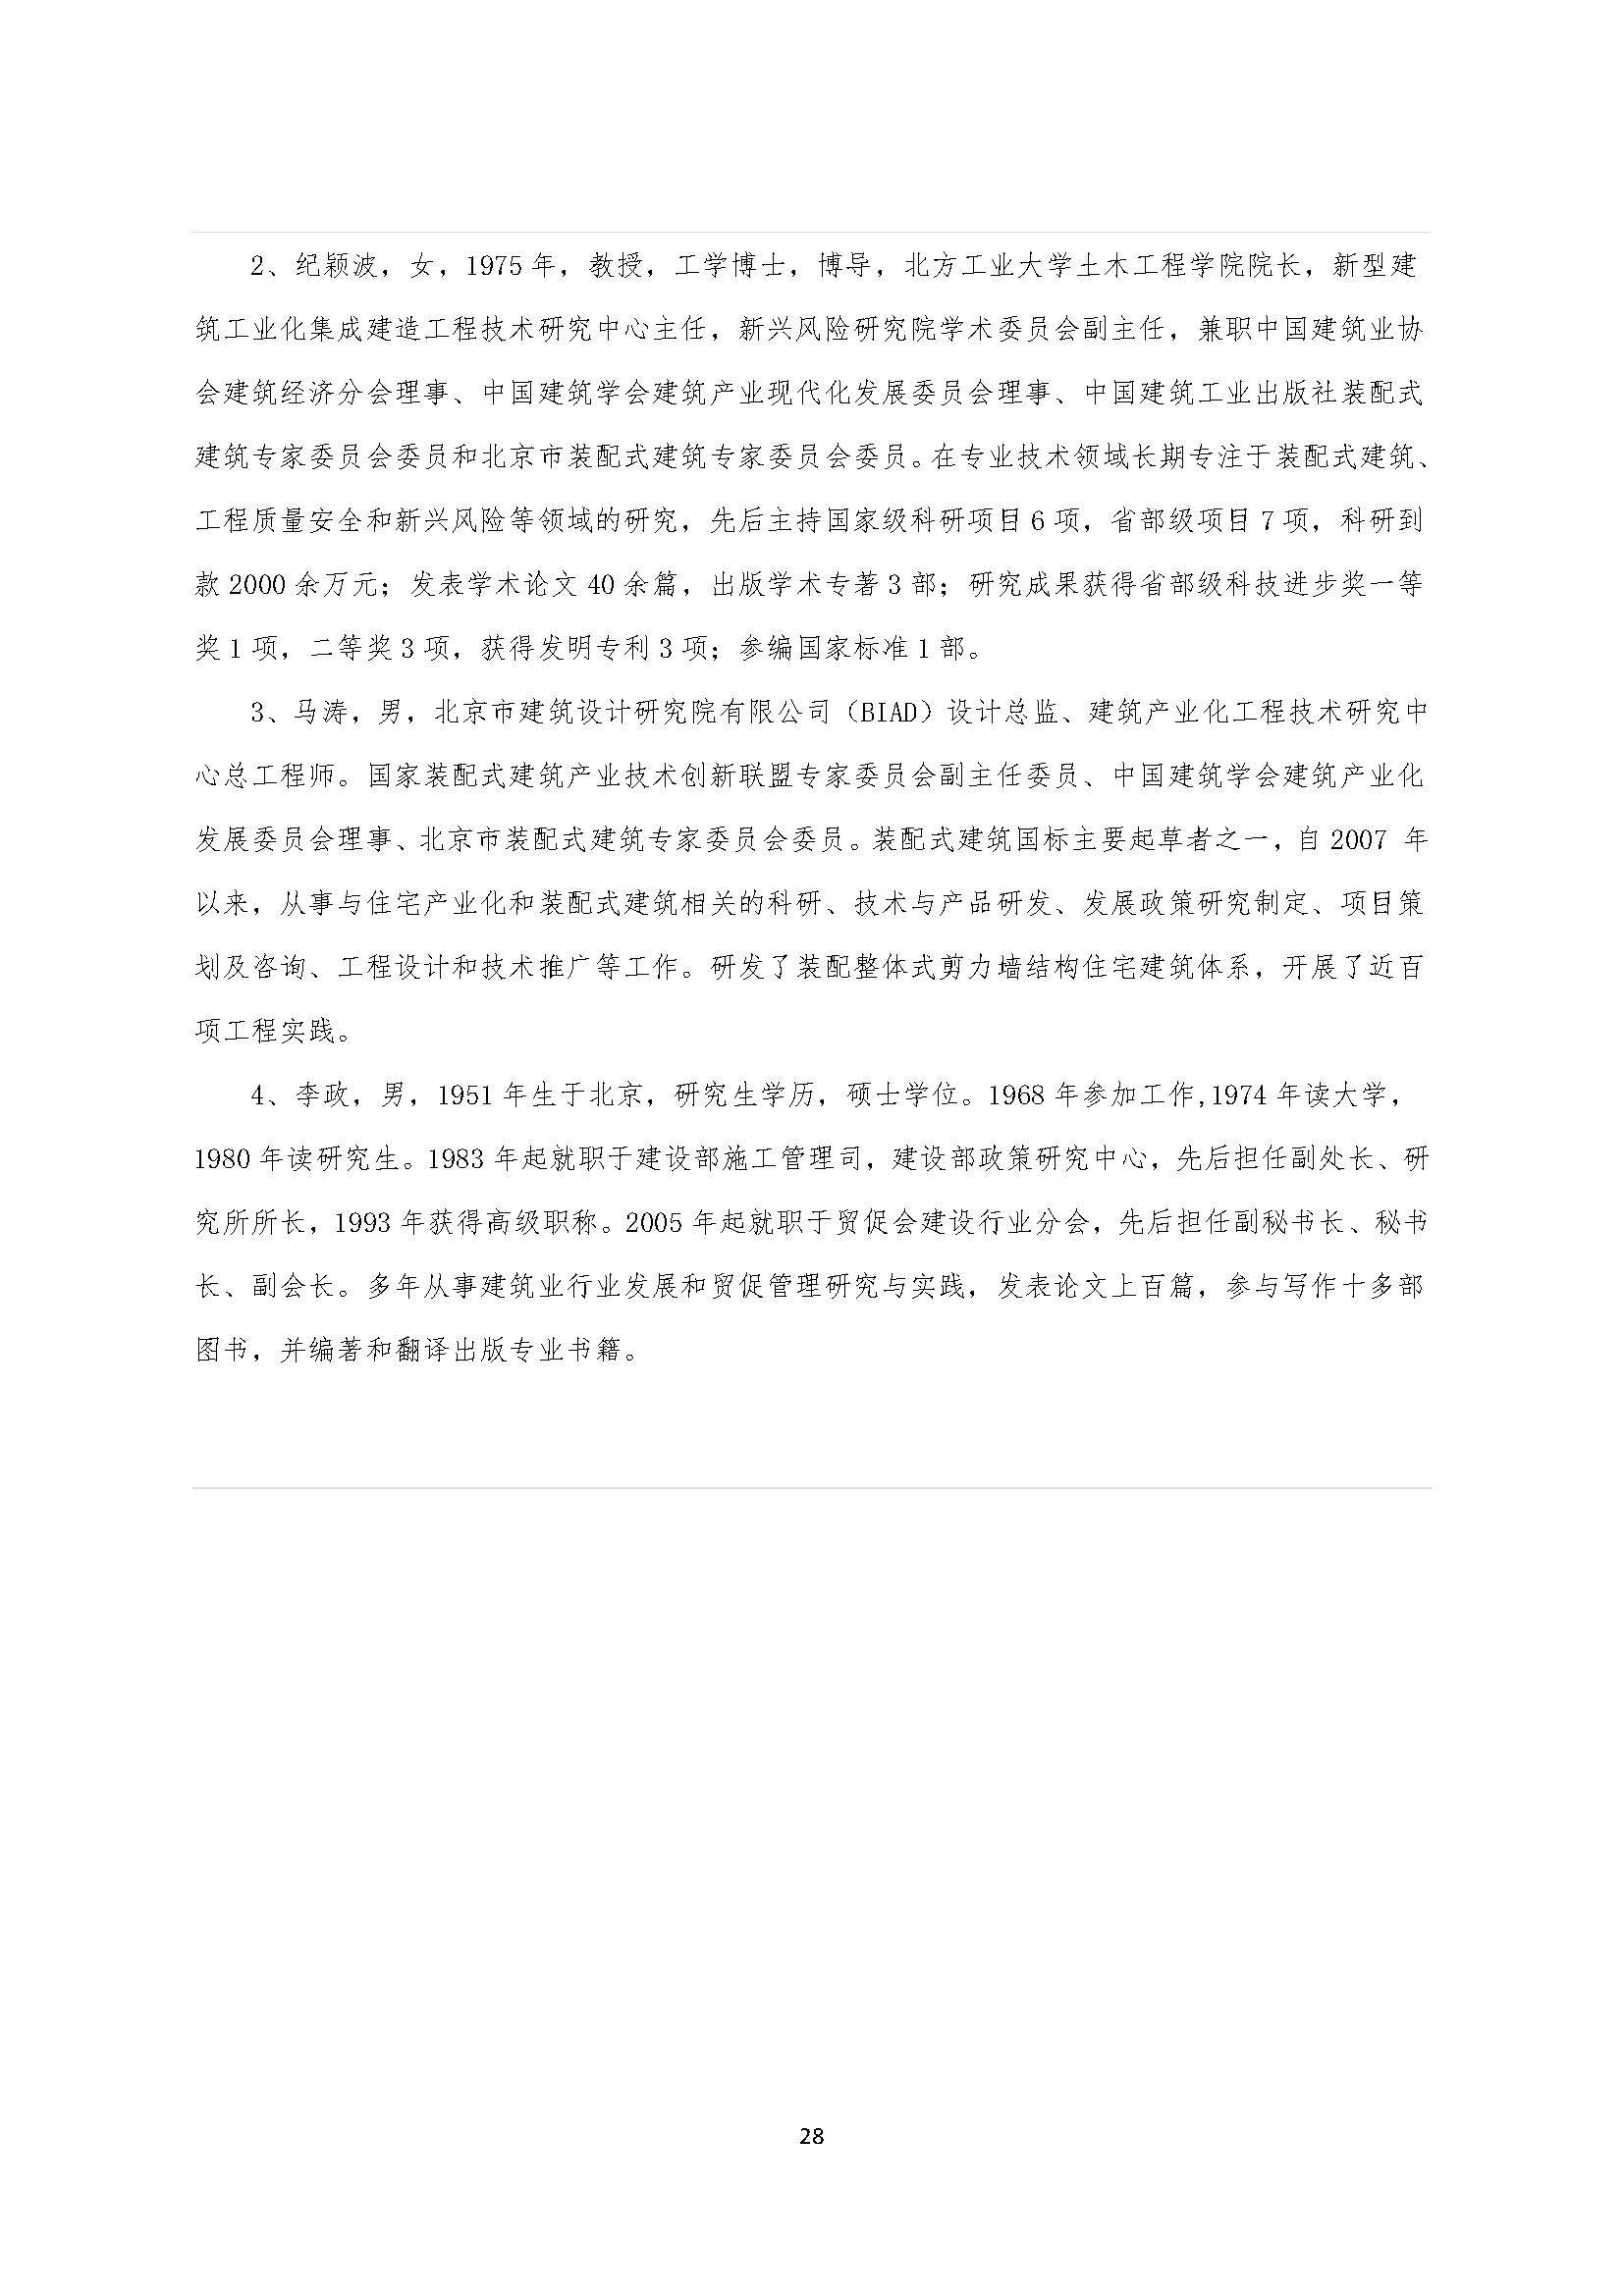 新闻-集成建筑系统构建在国家应急管理体系建设中的应用研究-02172_页面_28